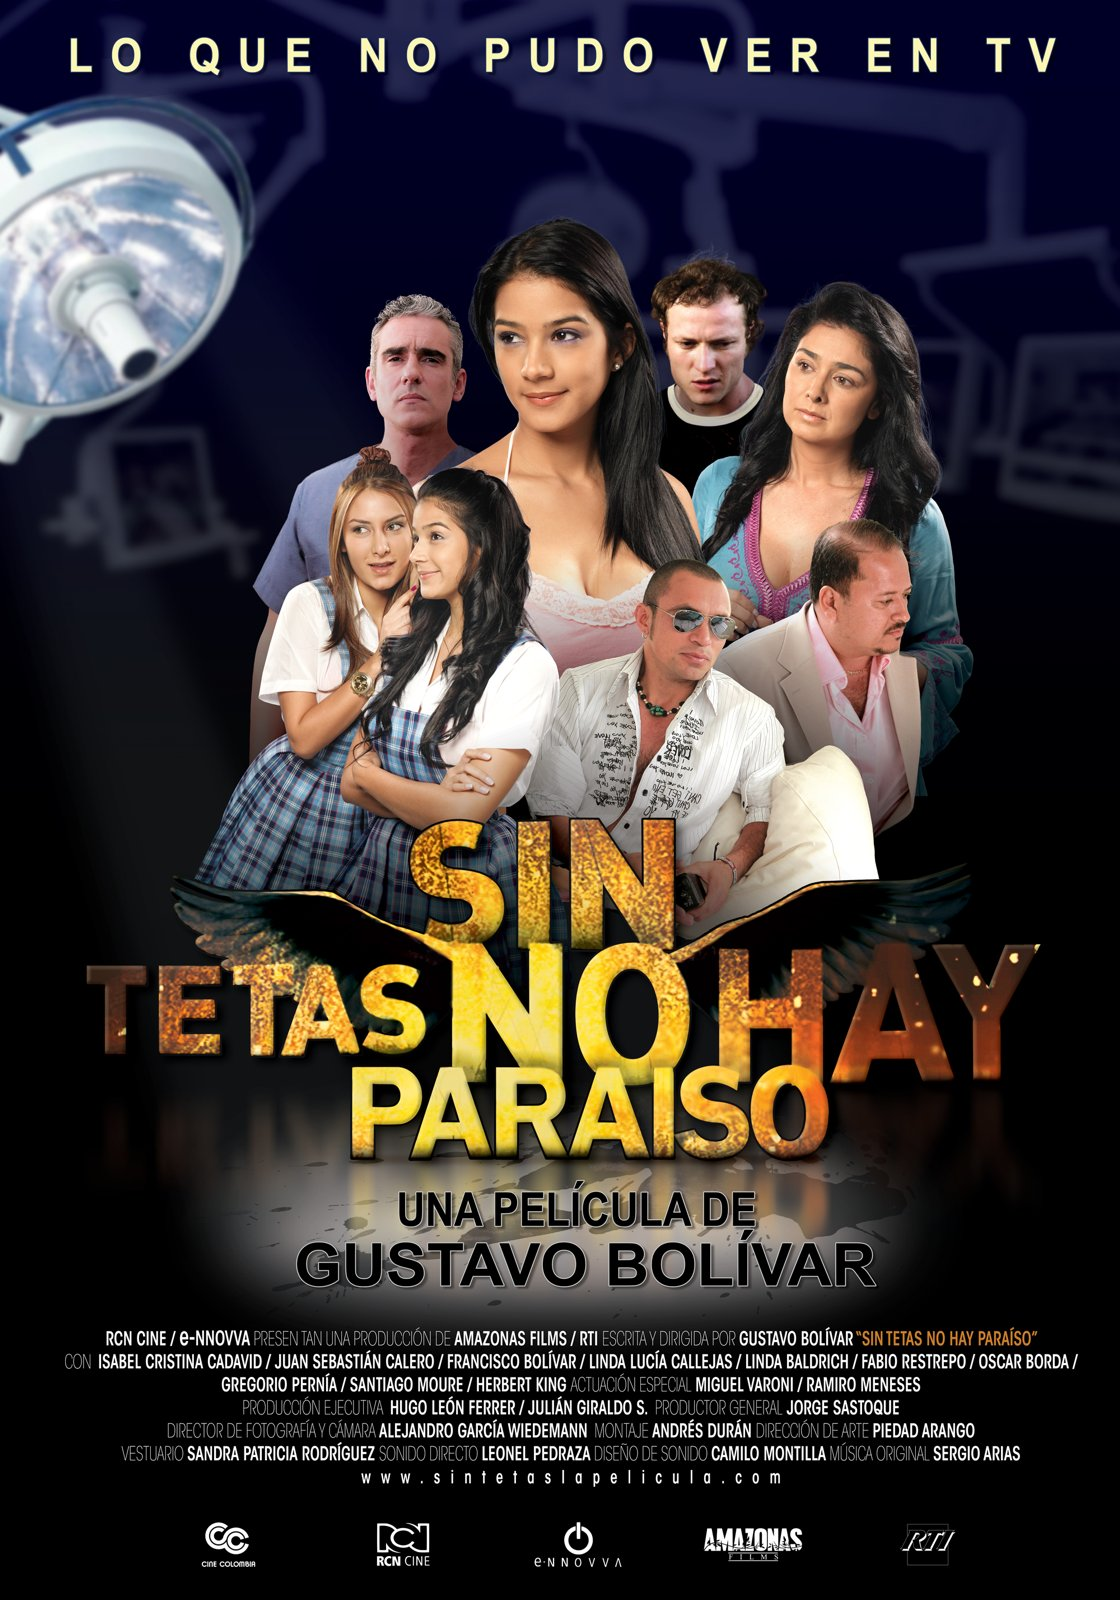 http://4.bp.blogspot.com/-IvMsOQlyWiw/UC7m34QwzDI/AAAAAAAAFuI/CB27c59eOk8/s1600/sin+tetas+no+hay+paraiso.jpg